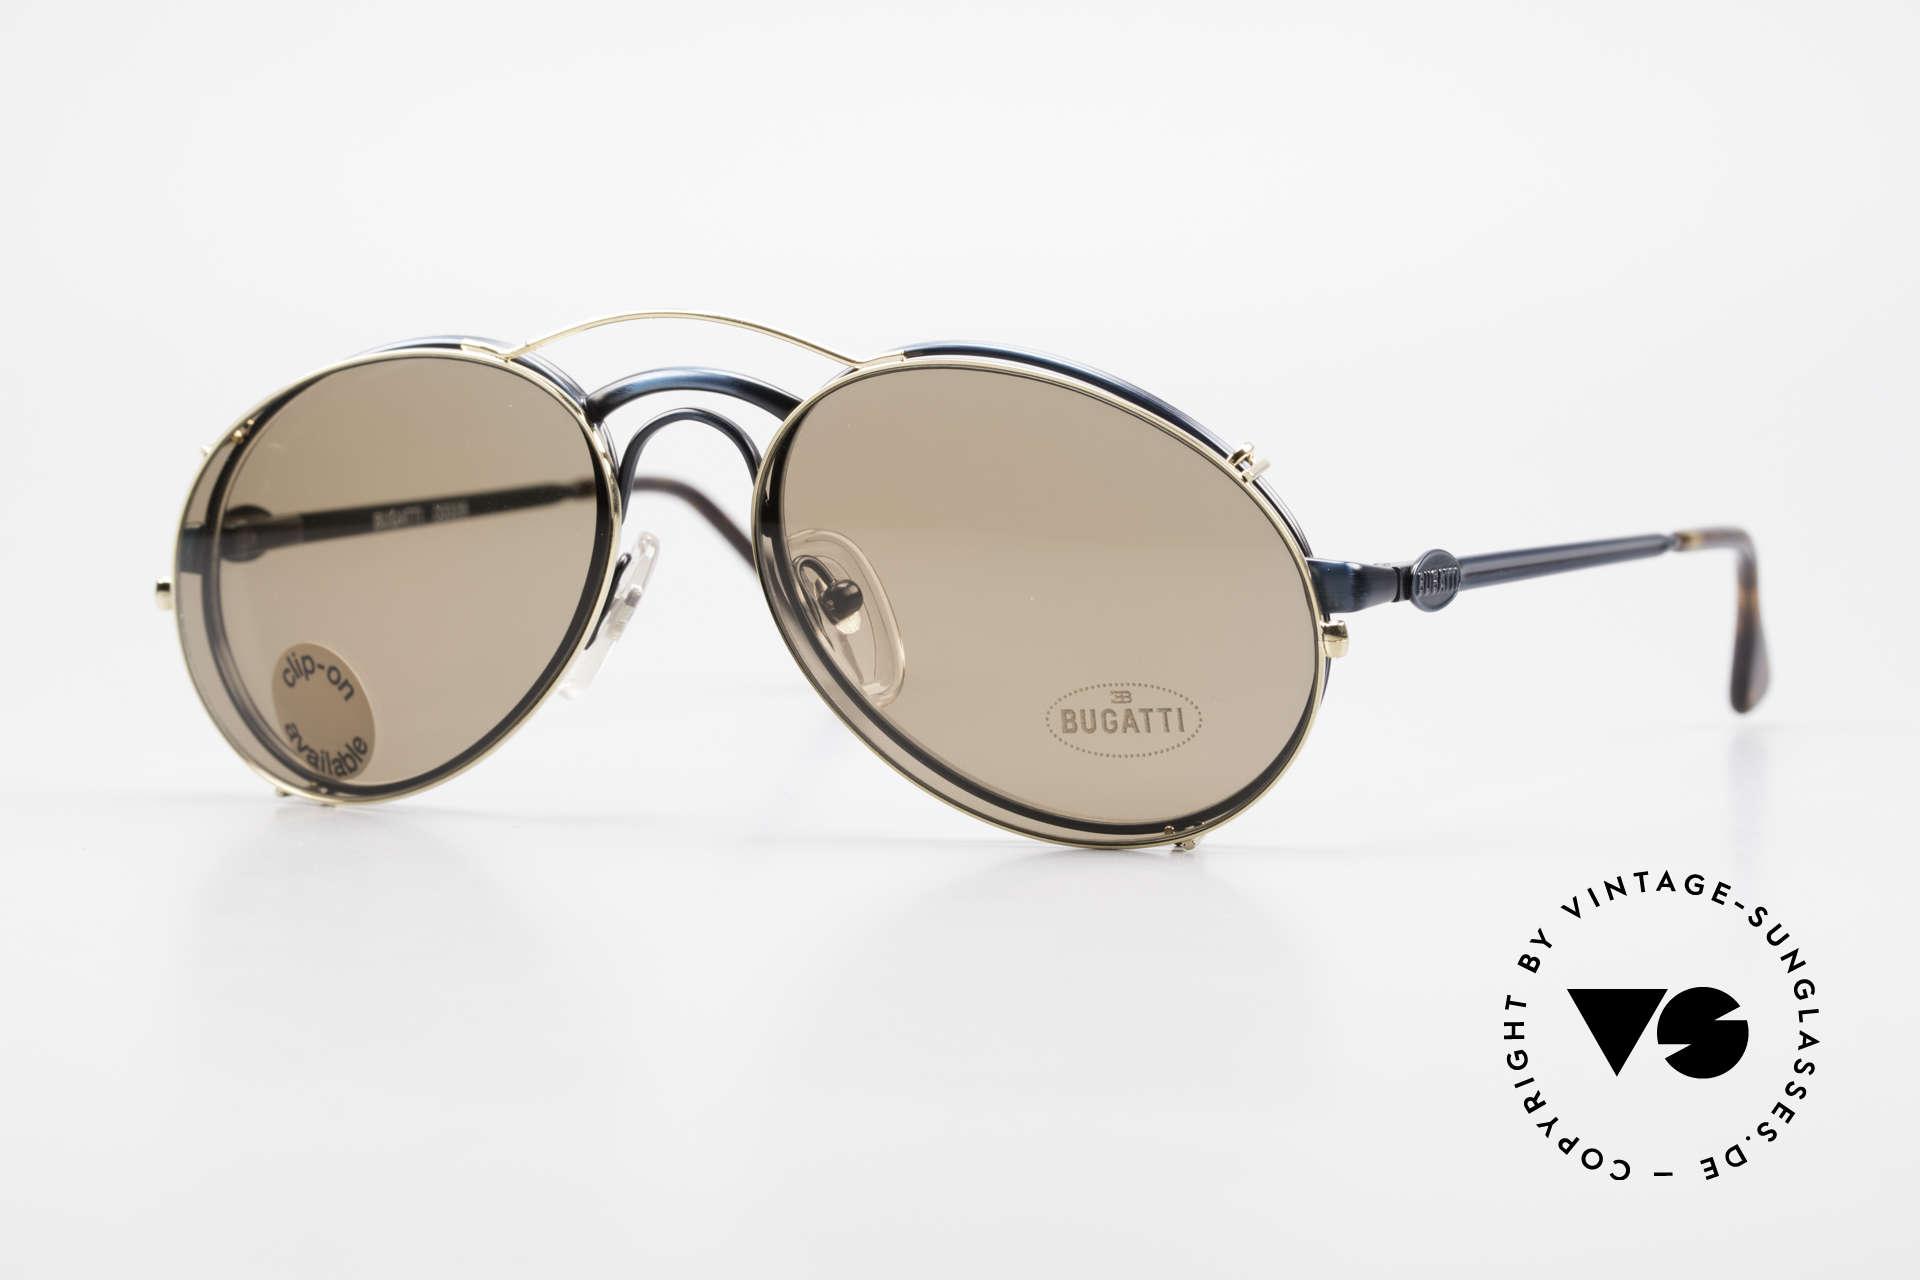 Bugatti 03328 Clip On Herrensonnenbrille, klassische BUGATTI vintage Sonnenbrille von 1989, Passend für Herren